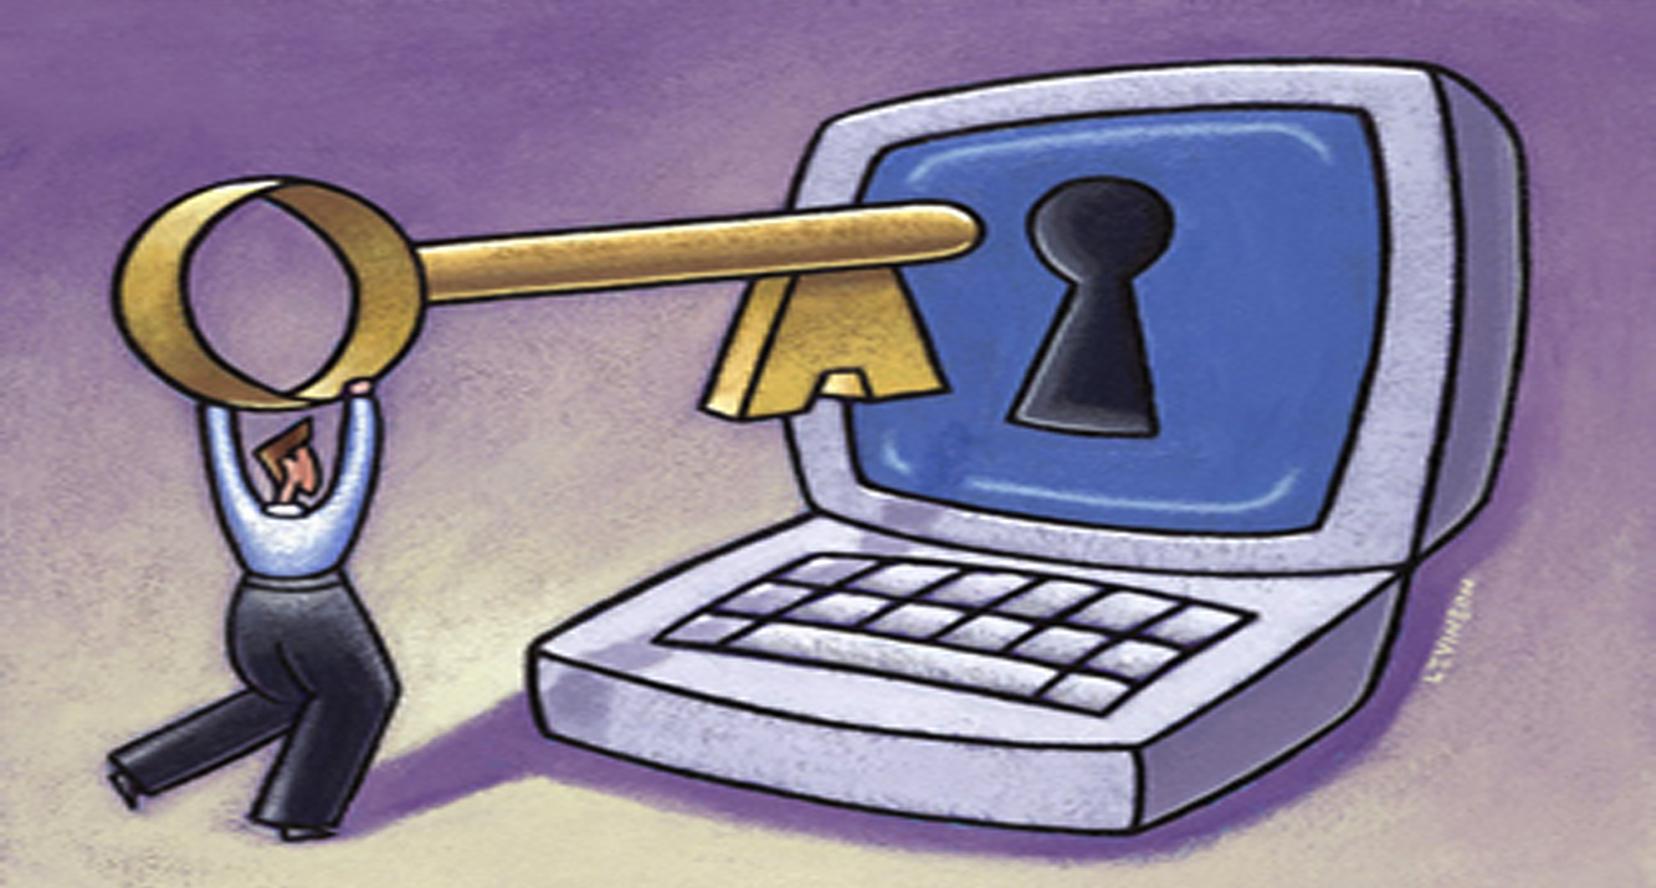 Bibliotecas el acceso a la informaci n y libertad de for Oficina de transparencia y acceso ala informacion